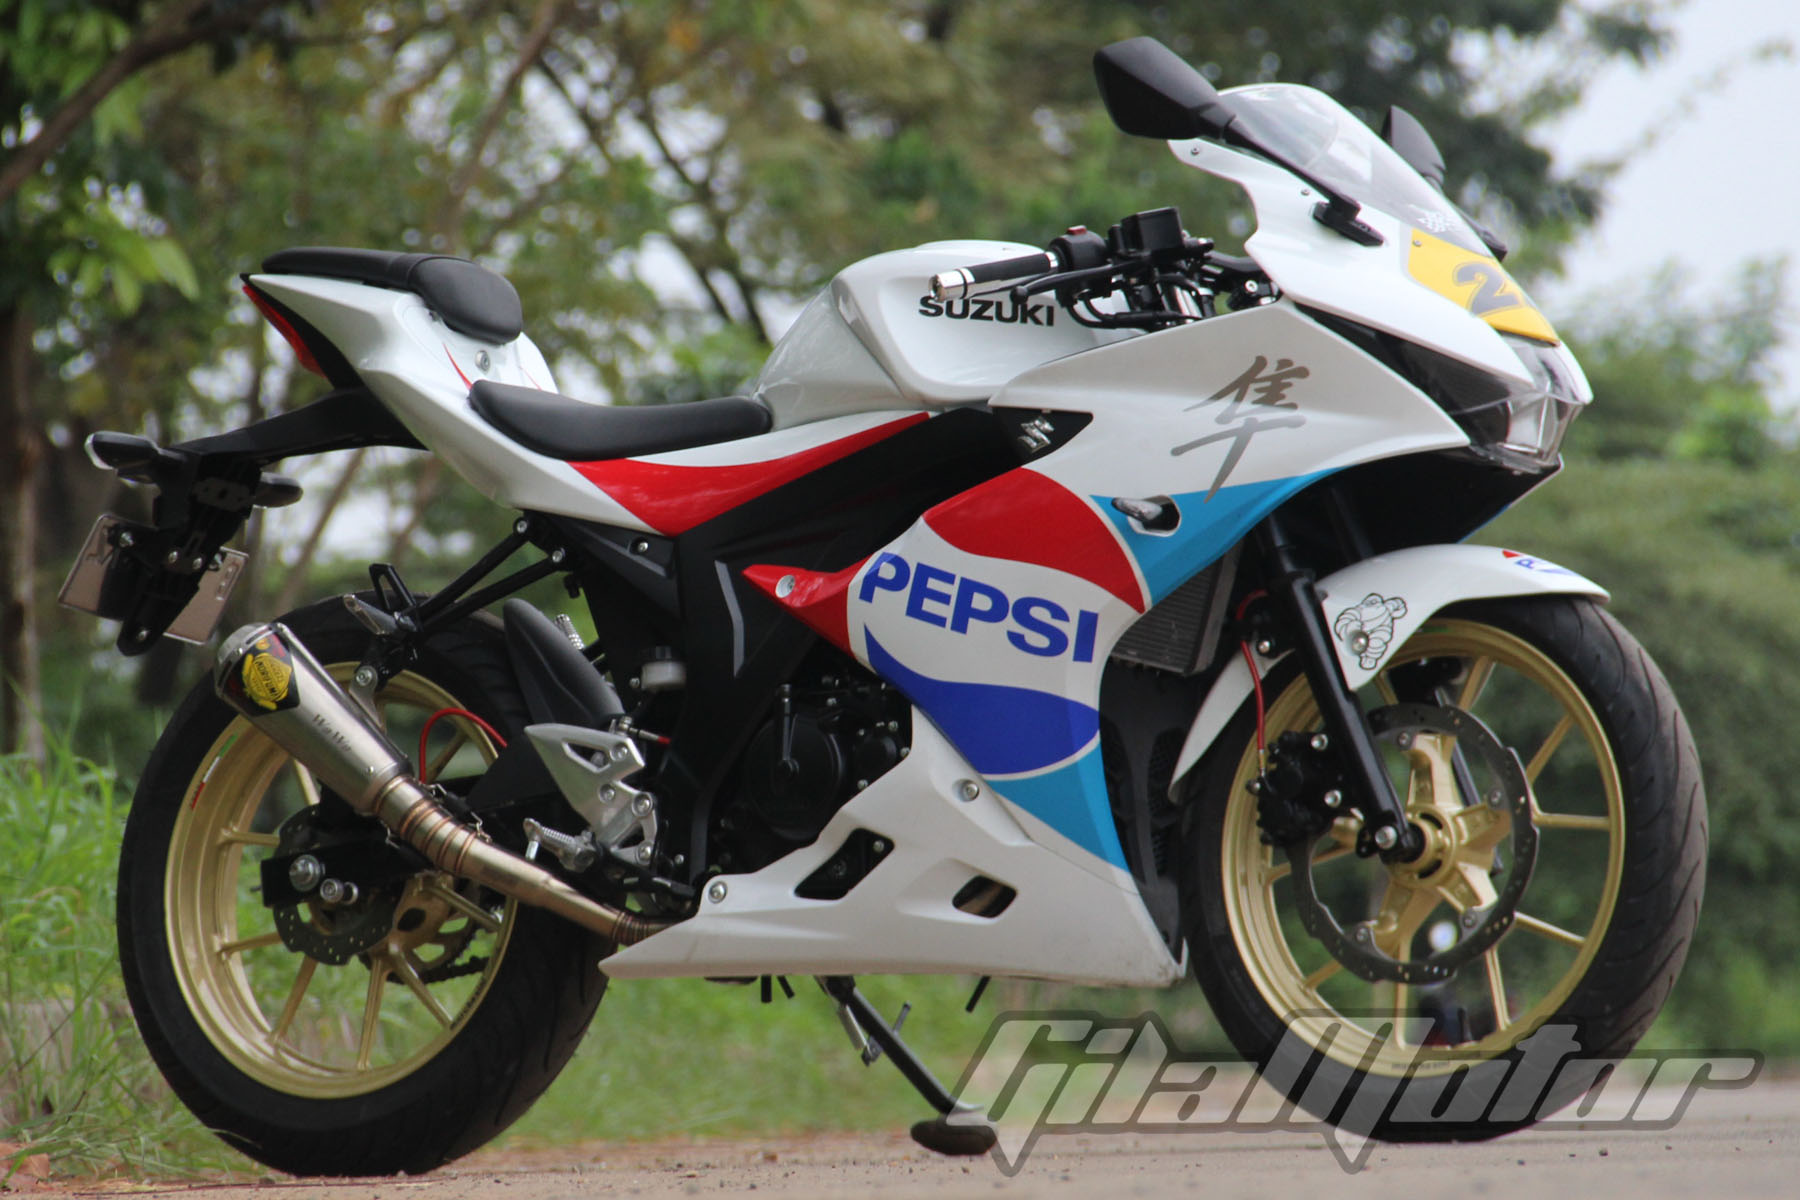 Modifikasi Suzuki Gsx R150 Edisi Khusus Gilamotor